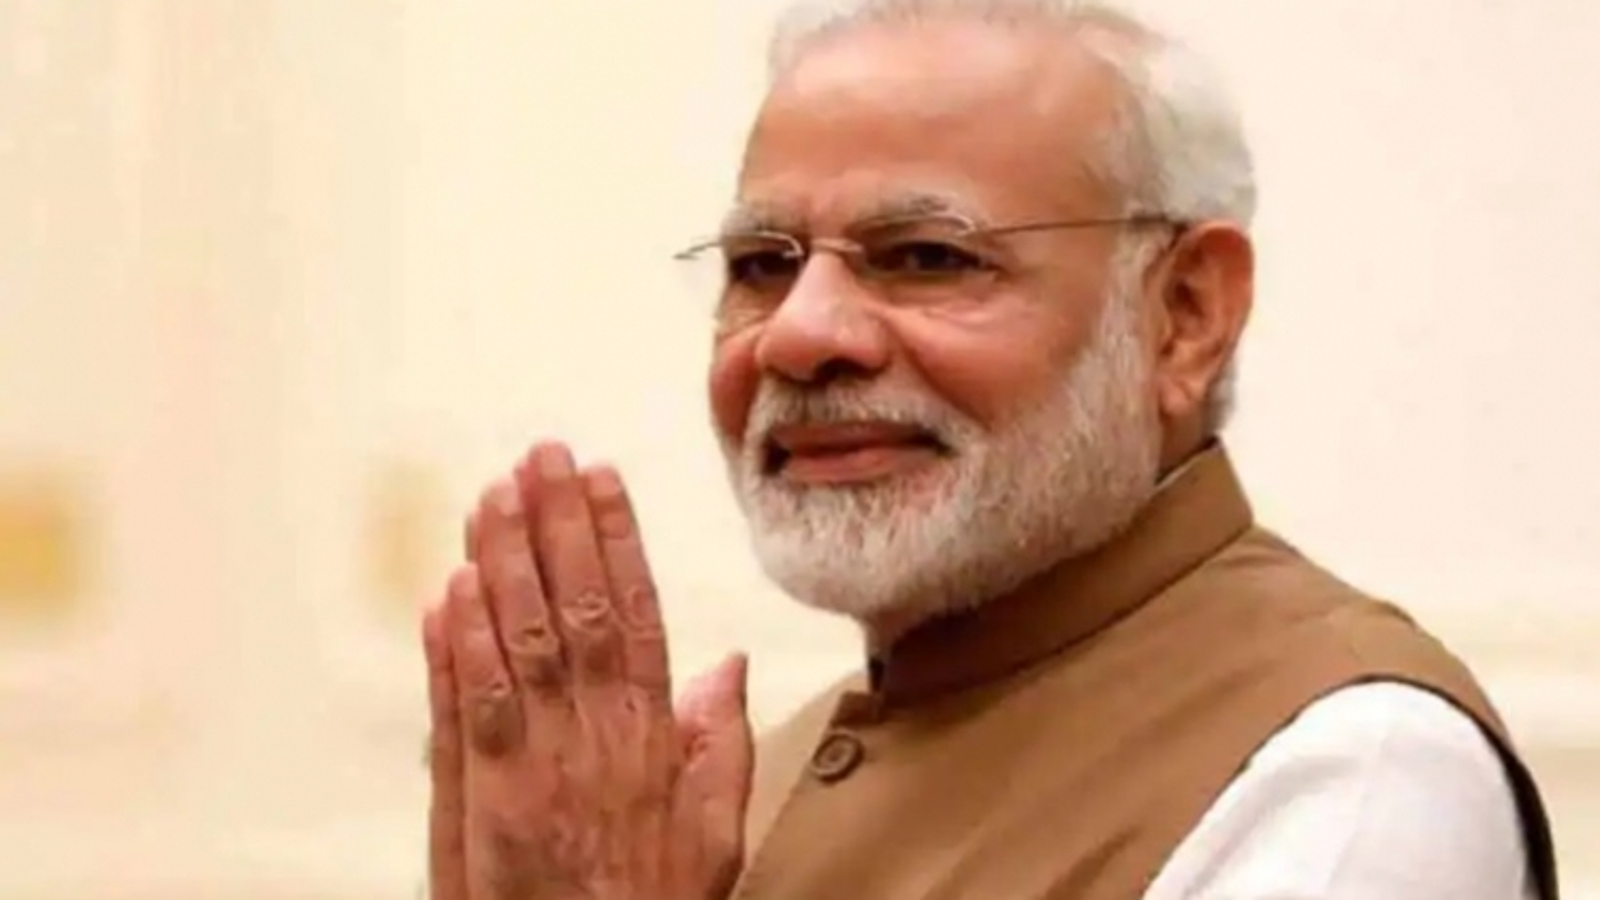 Thủ tướng Ấn Độ kêu gọi chuyển giao quyền lực trong hòa bình và trật tự tại Mỹ